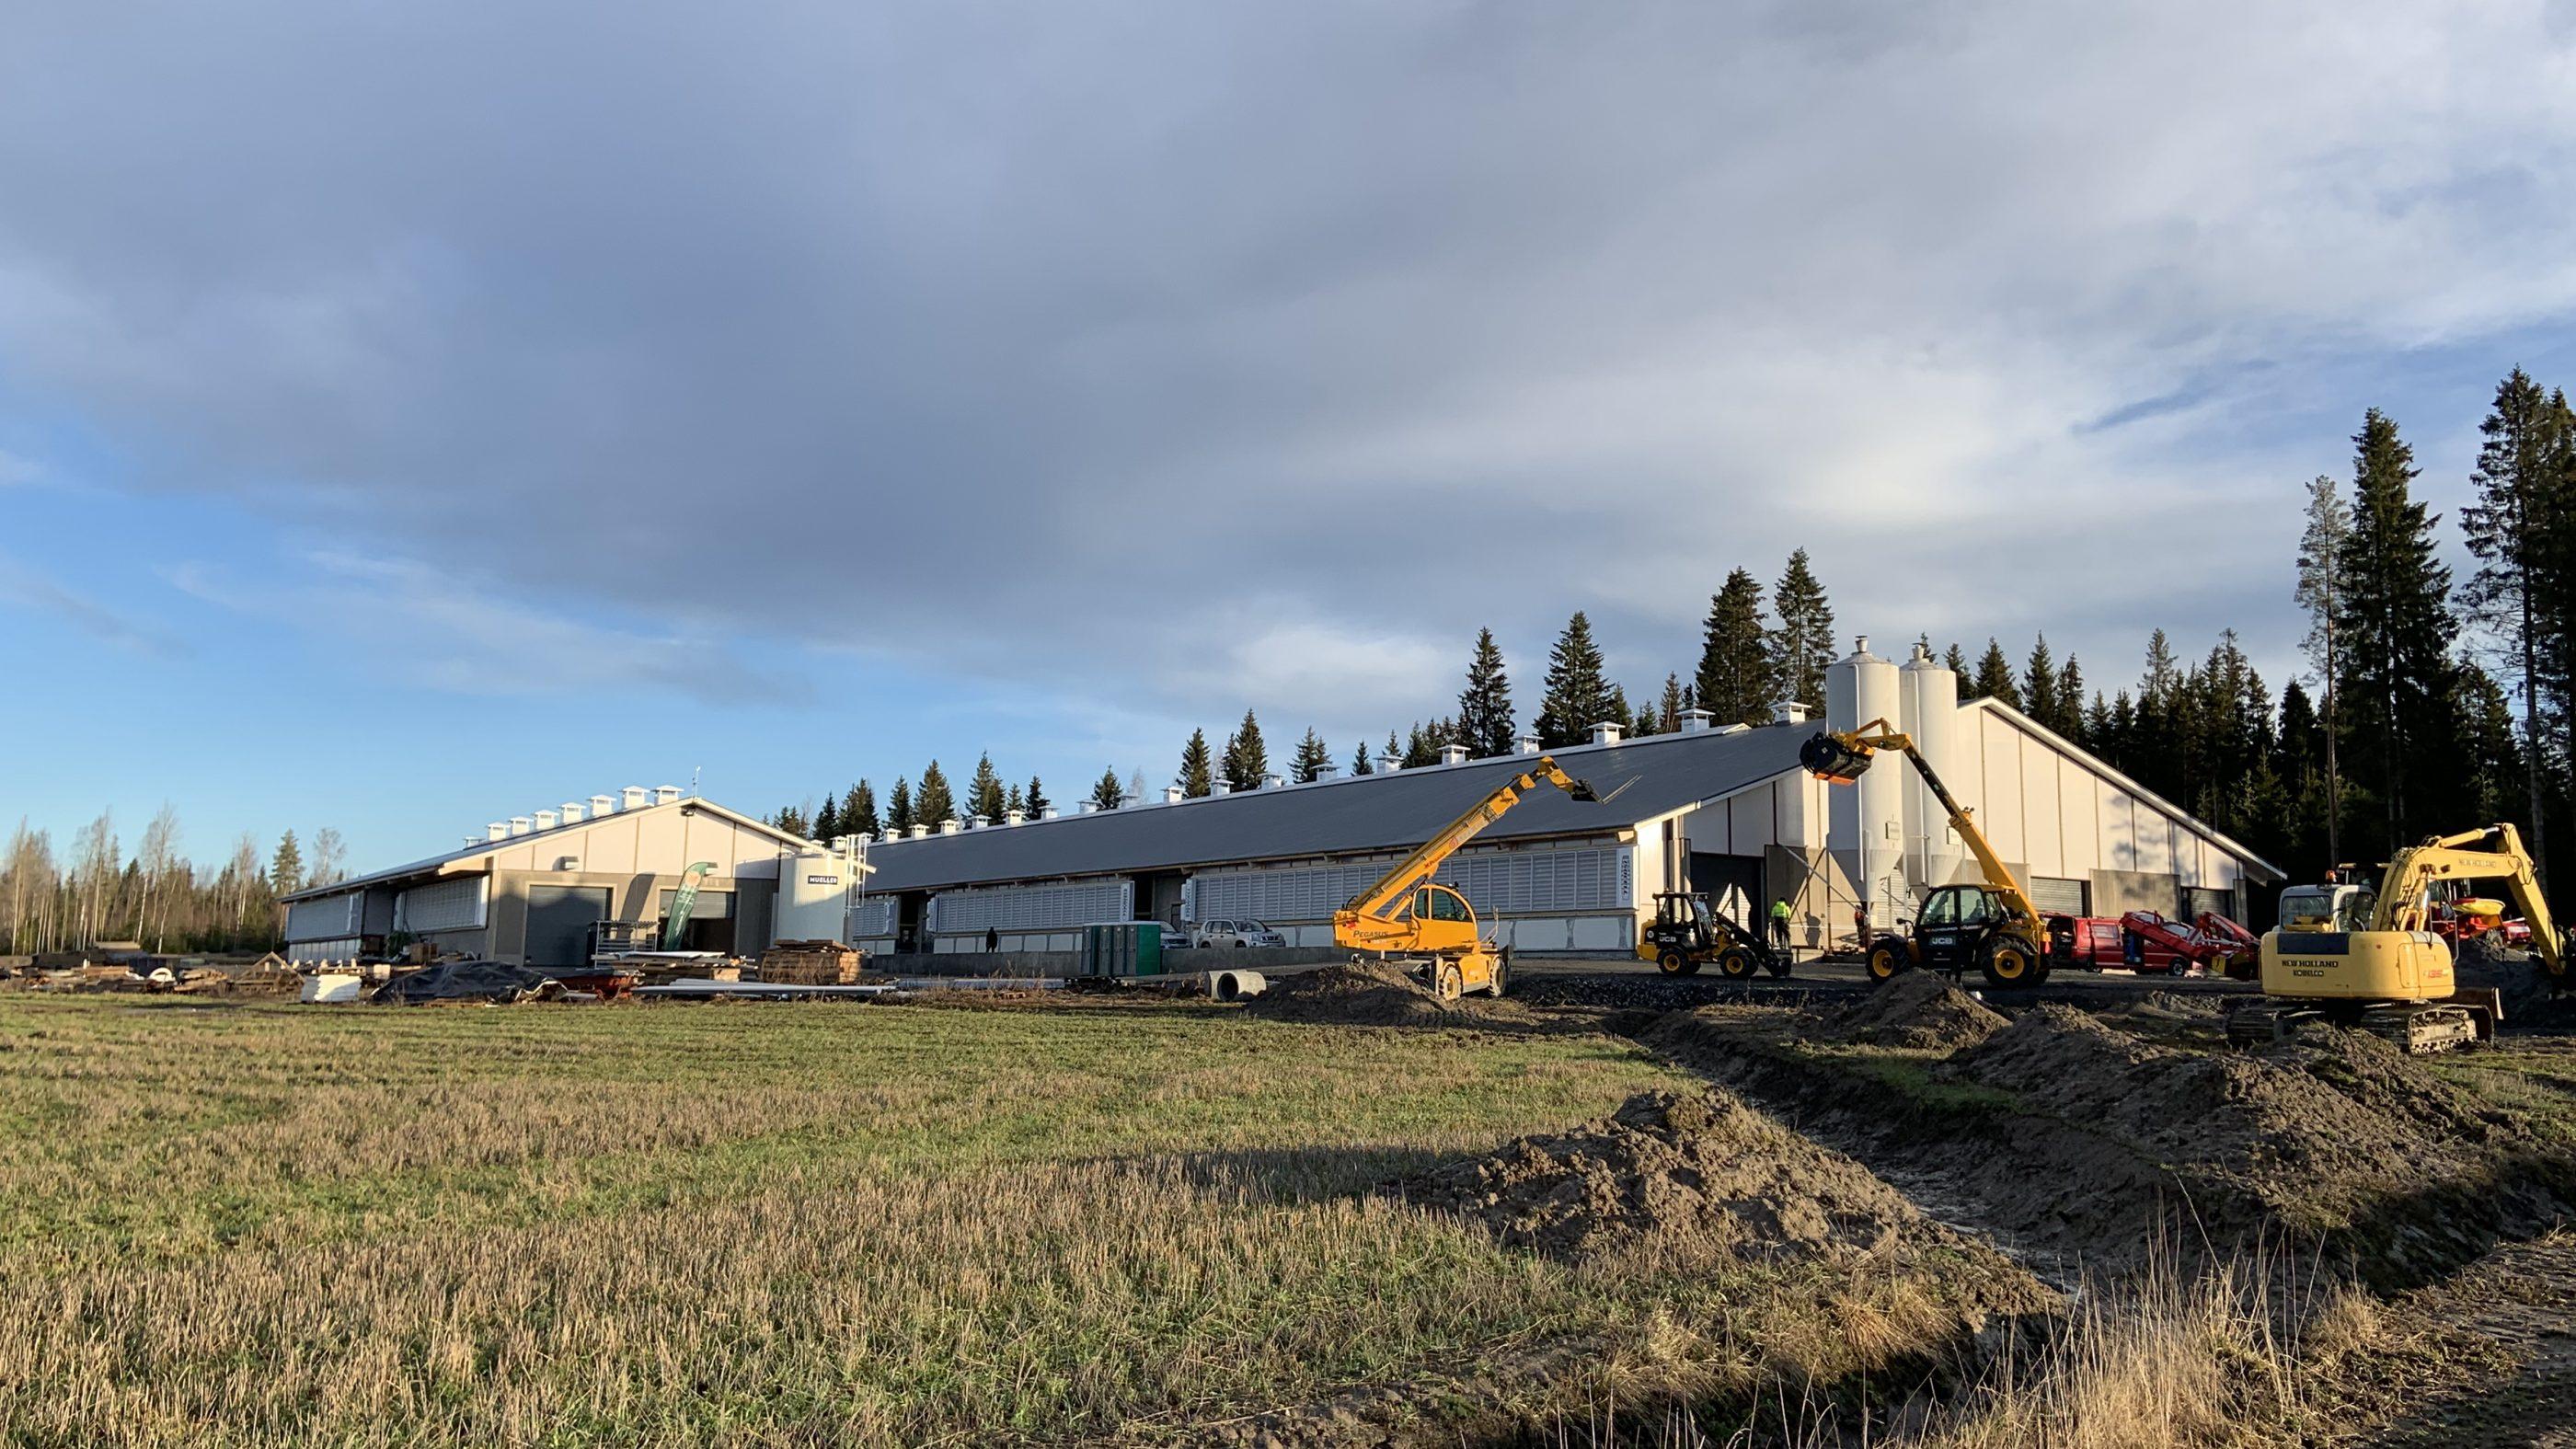 Viinamäki farm i Jalasjärvi, nybygge